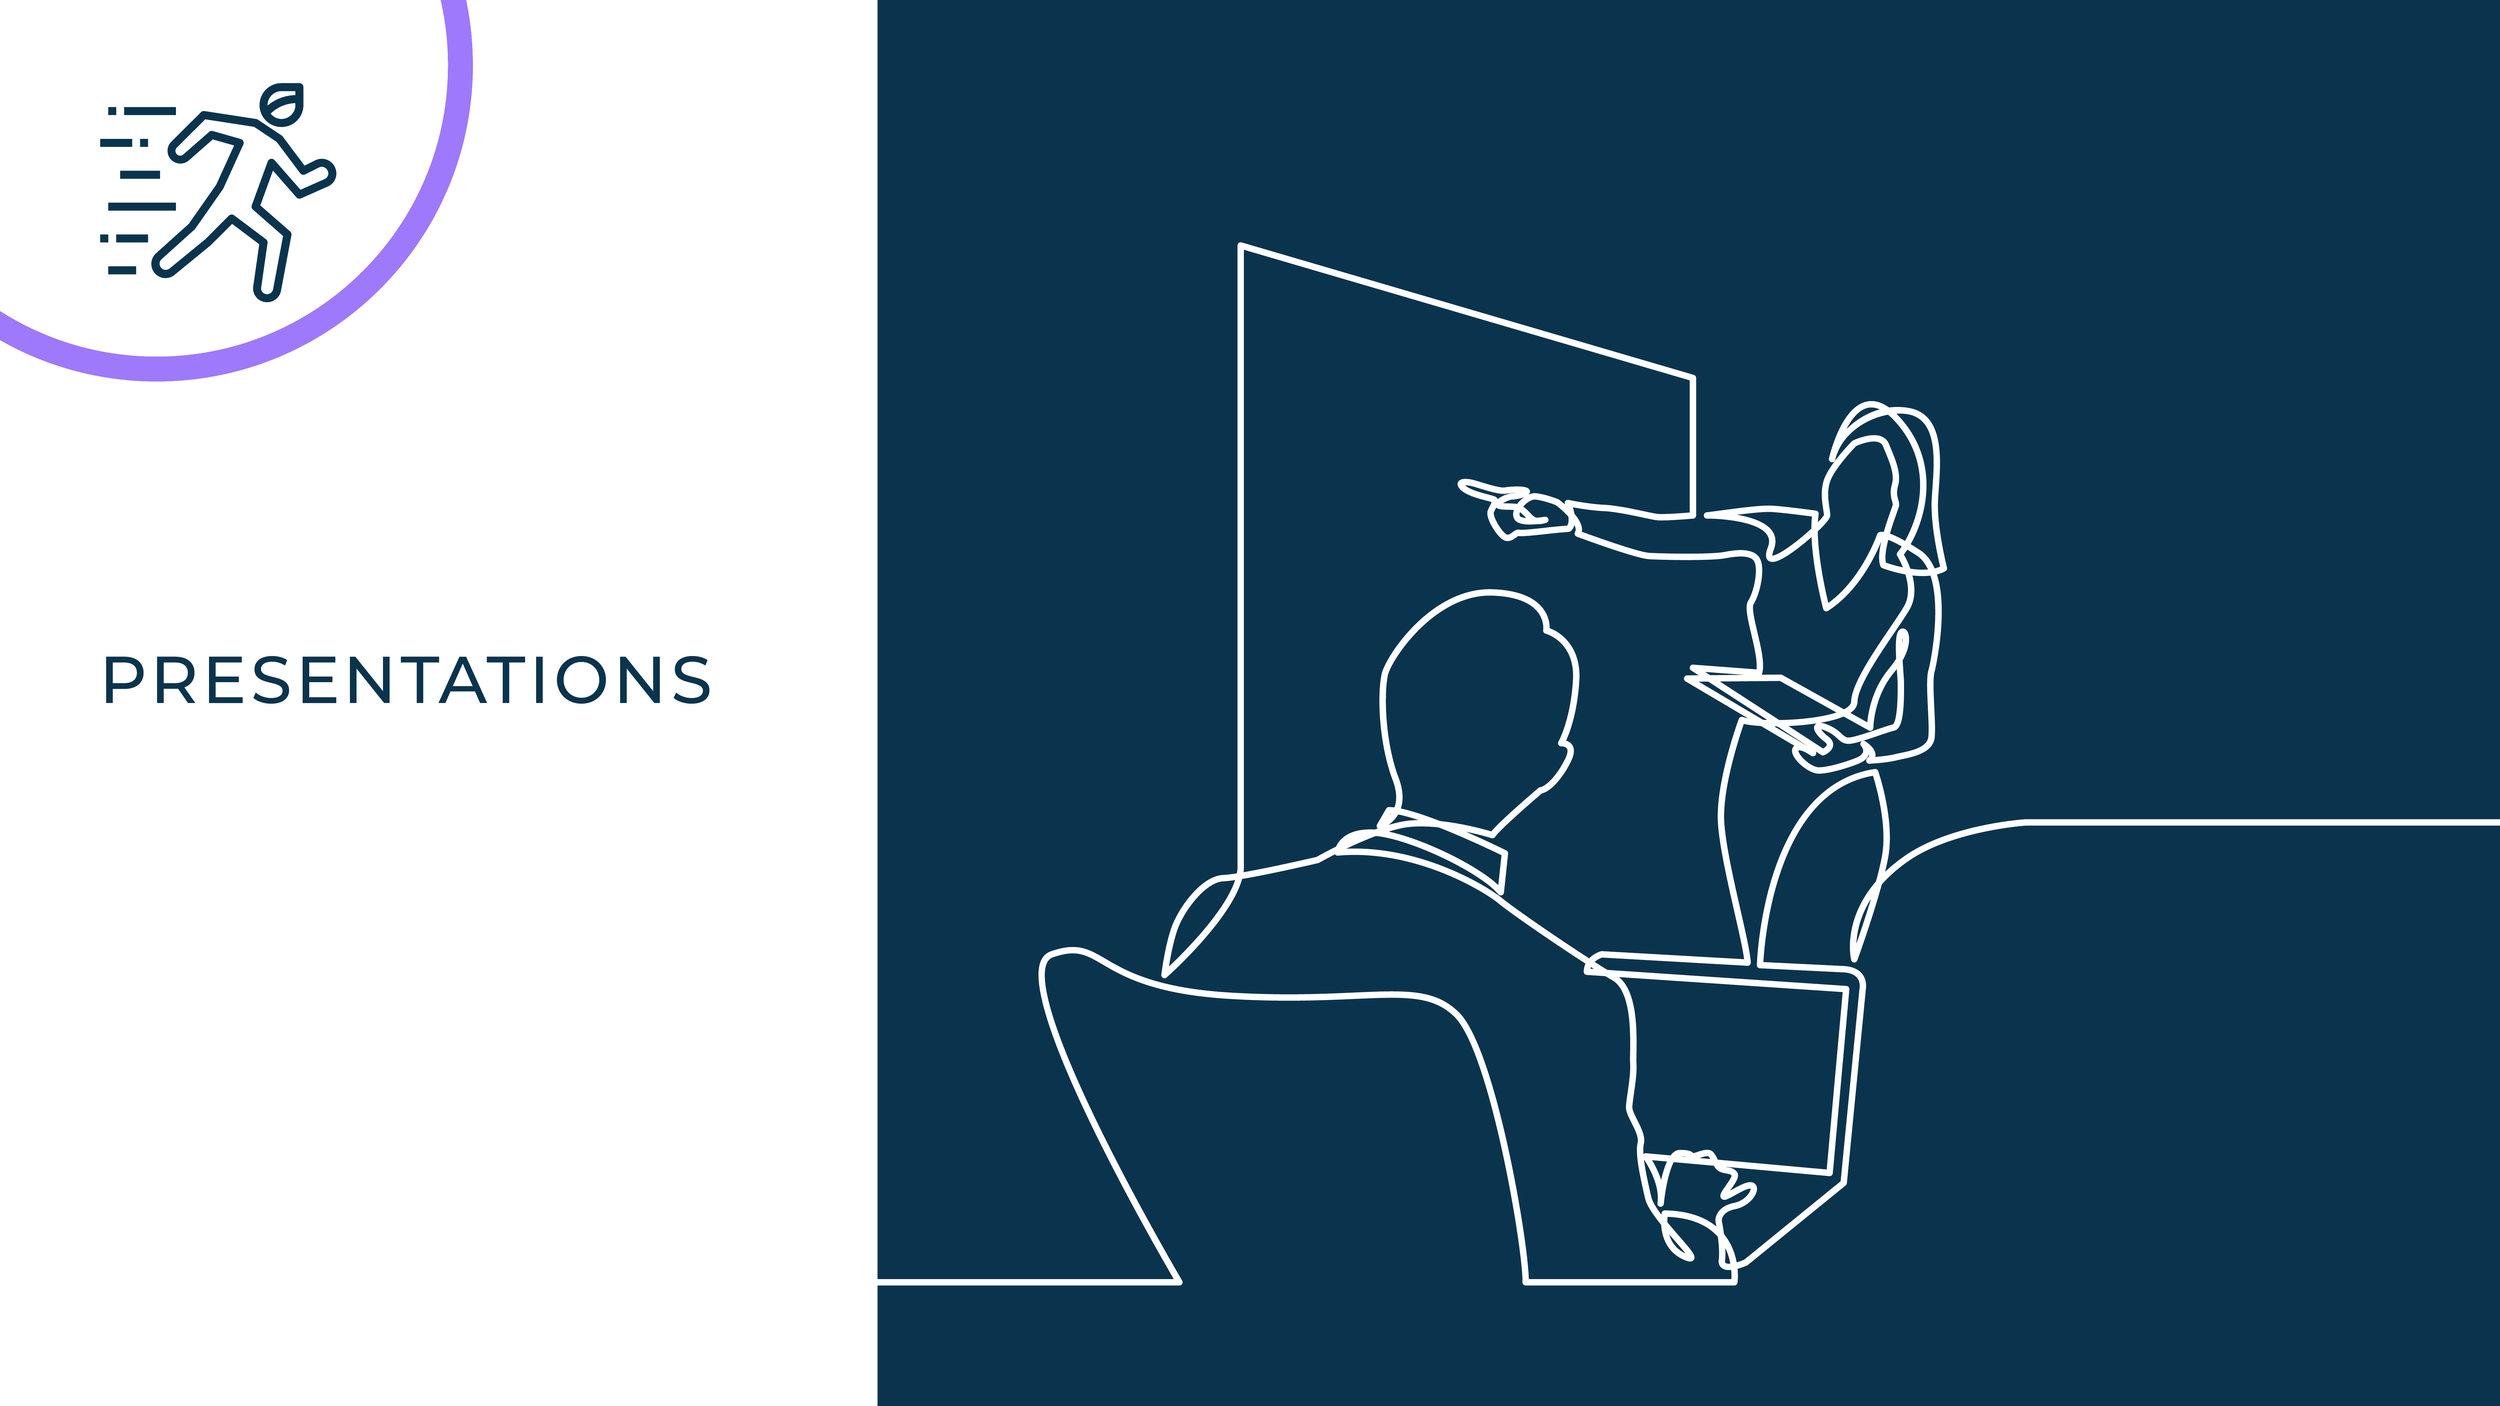 Presentation Skills - S1 - Effective Presentation Skills QC v0.1.jpg